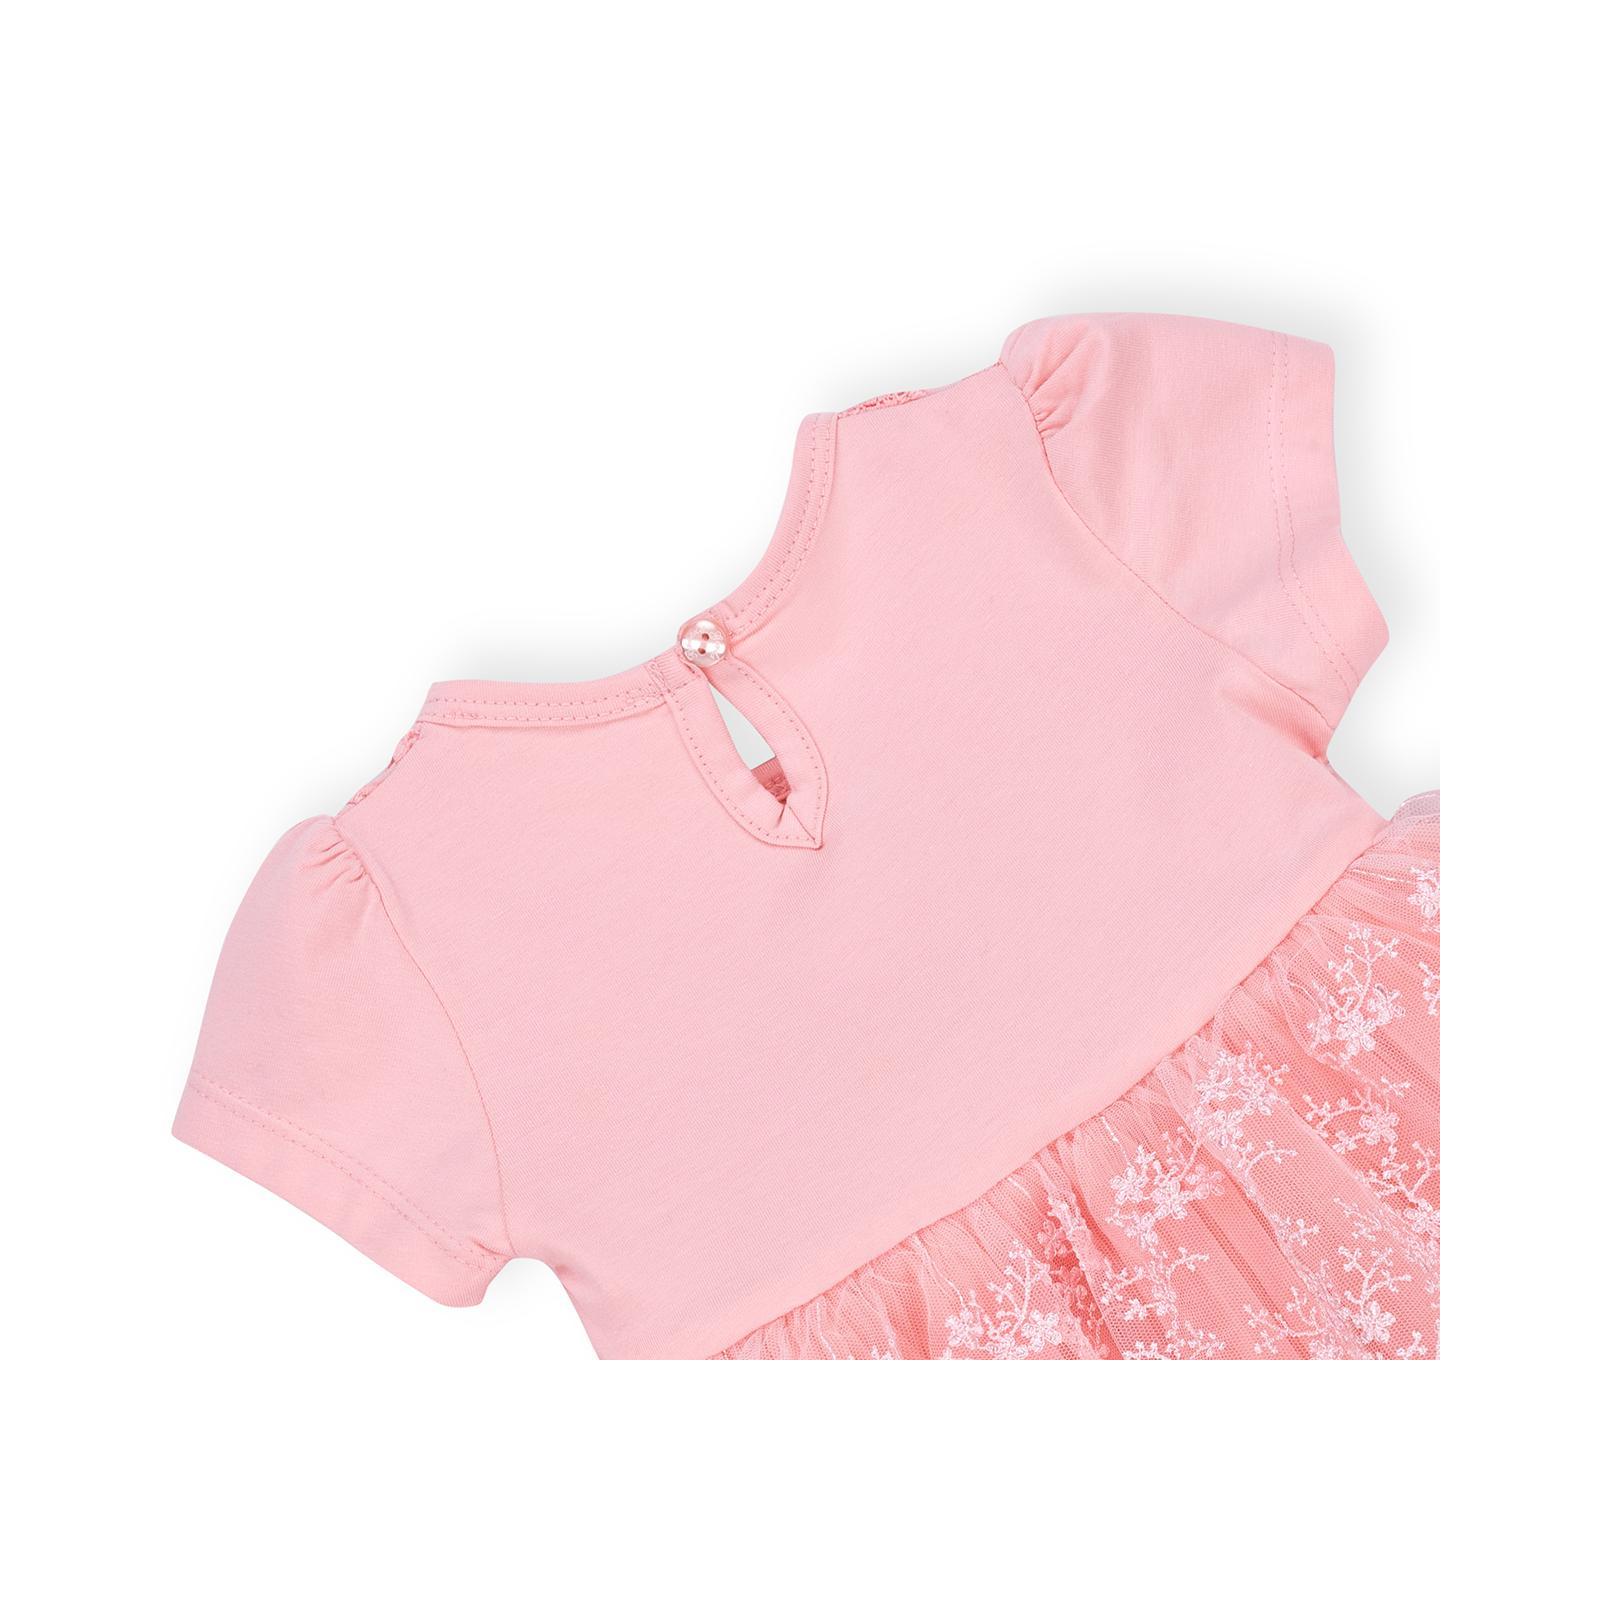 Платье Breeze кружевное с оборками (9011-86G-cream) изображение 4